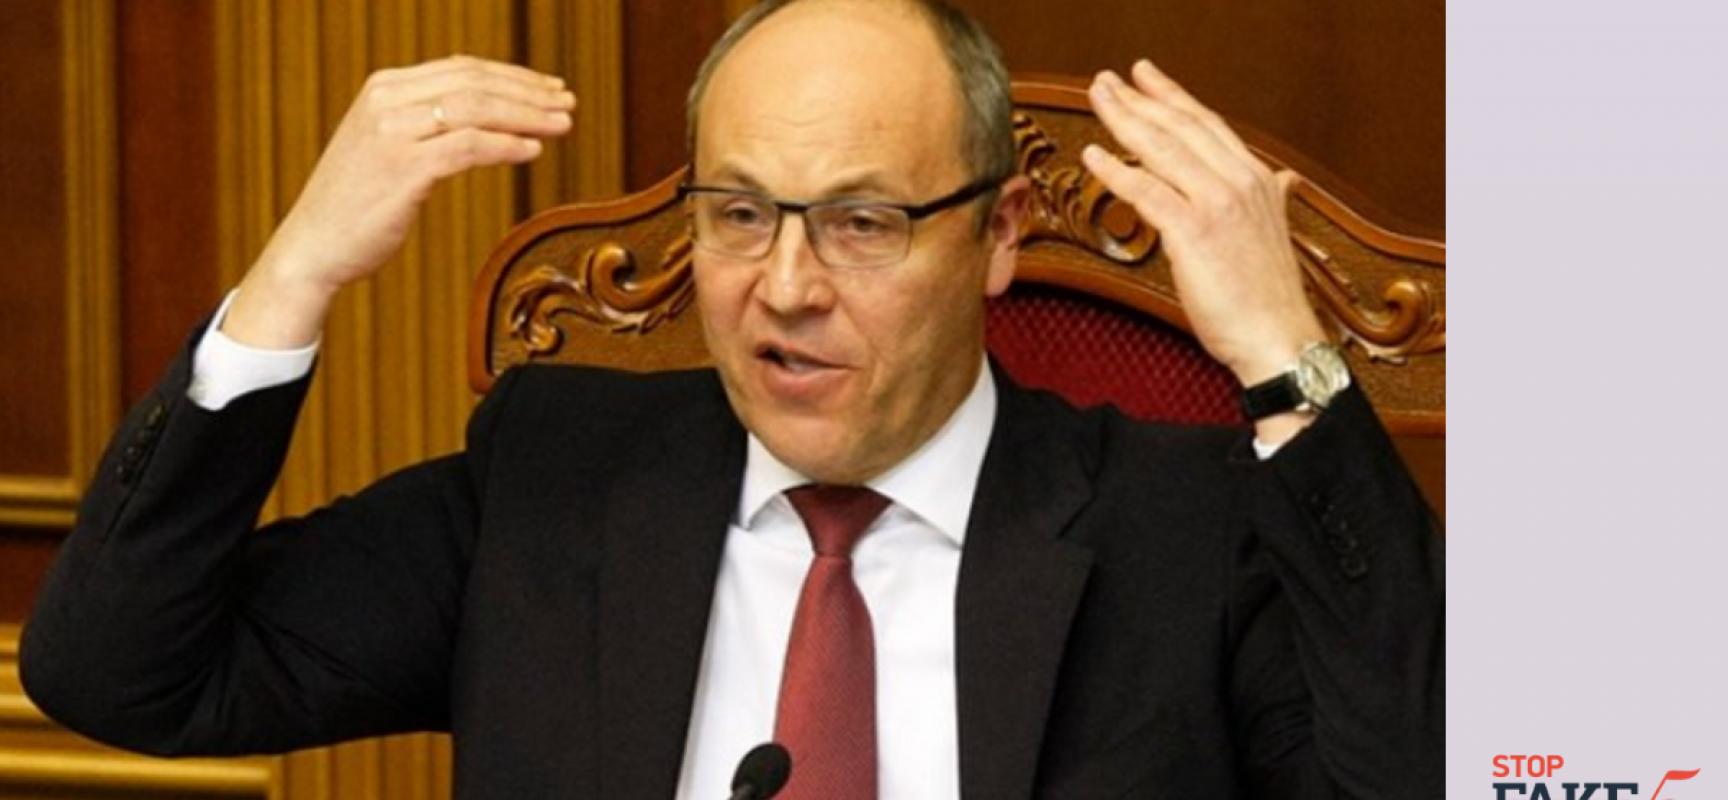 Фейк: Спікер Верховної ради України закликав населення до нового Майдану